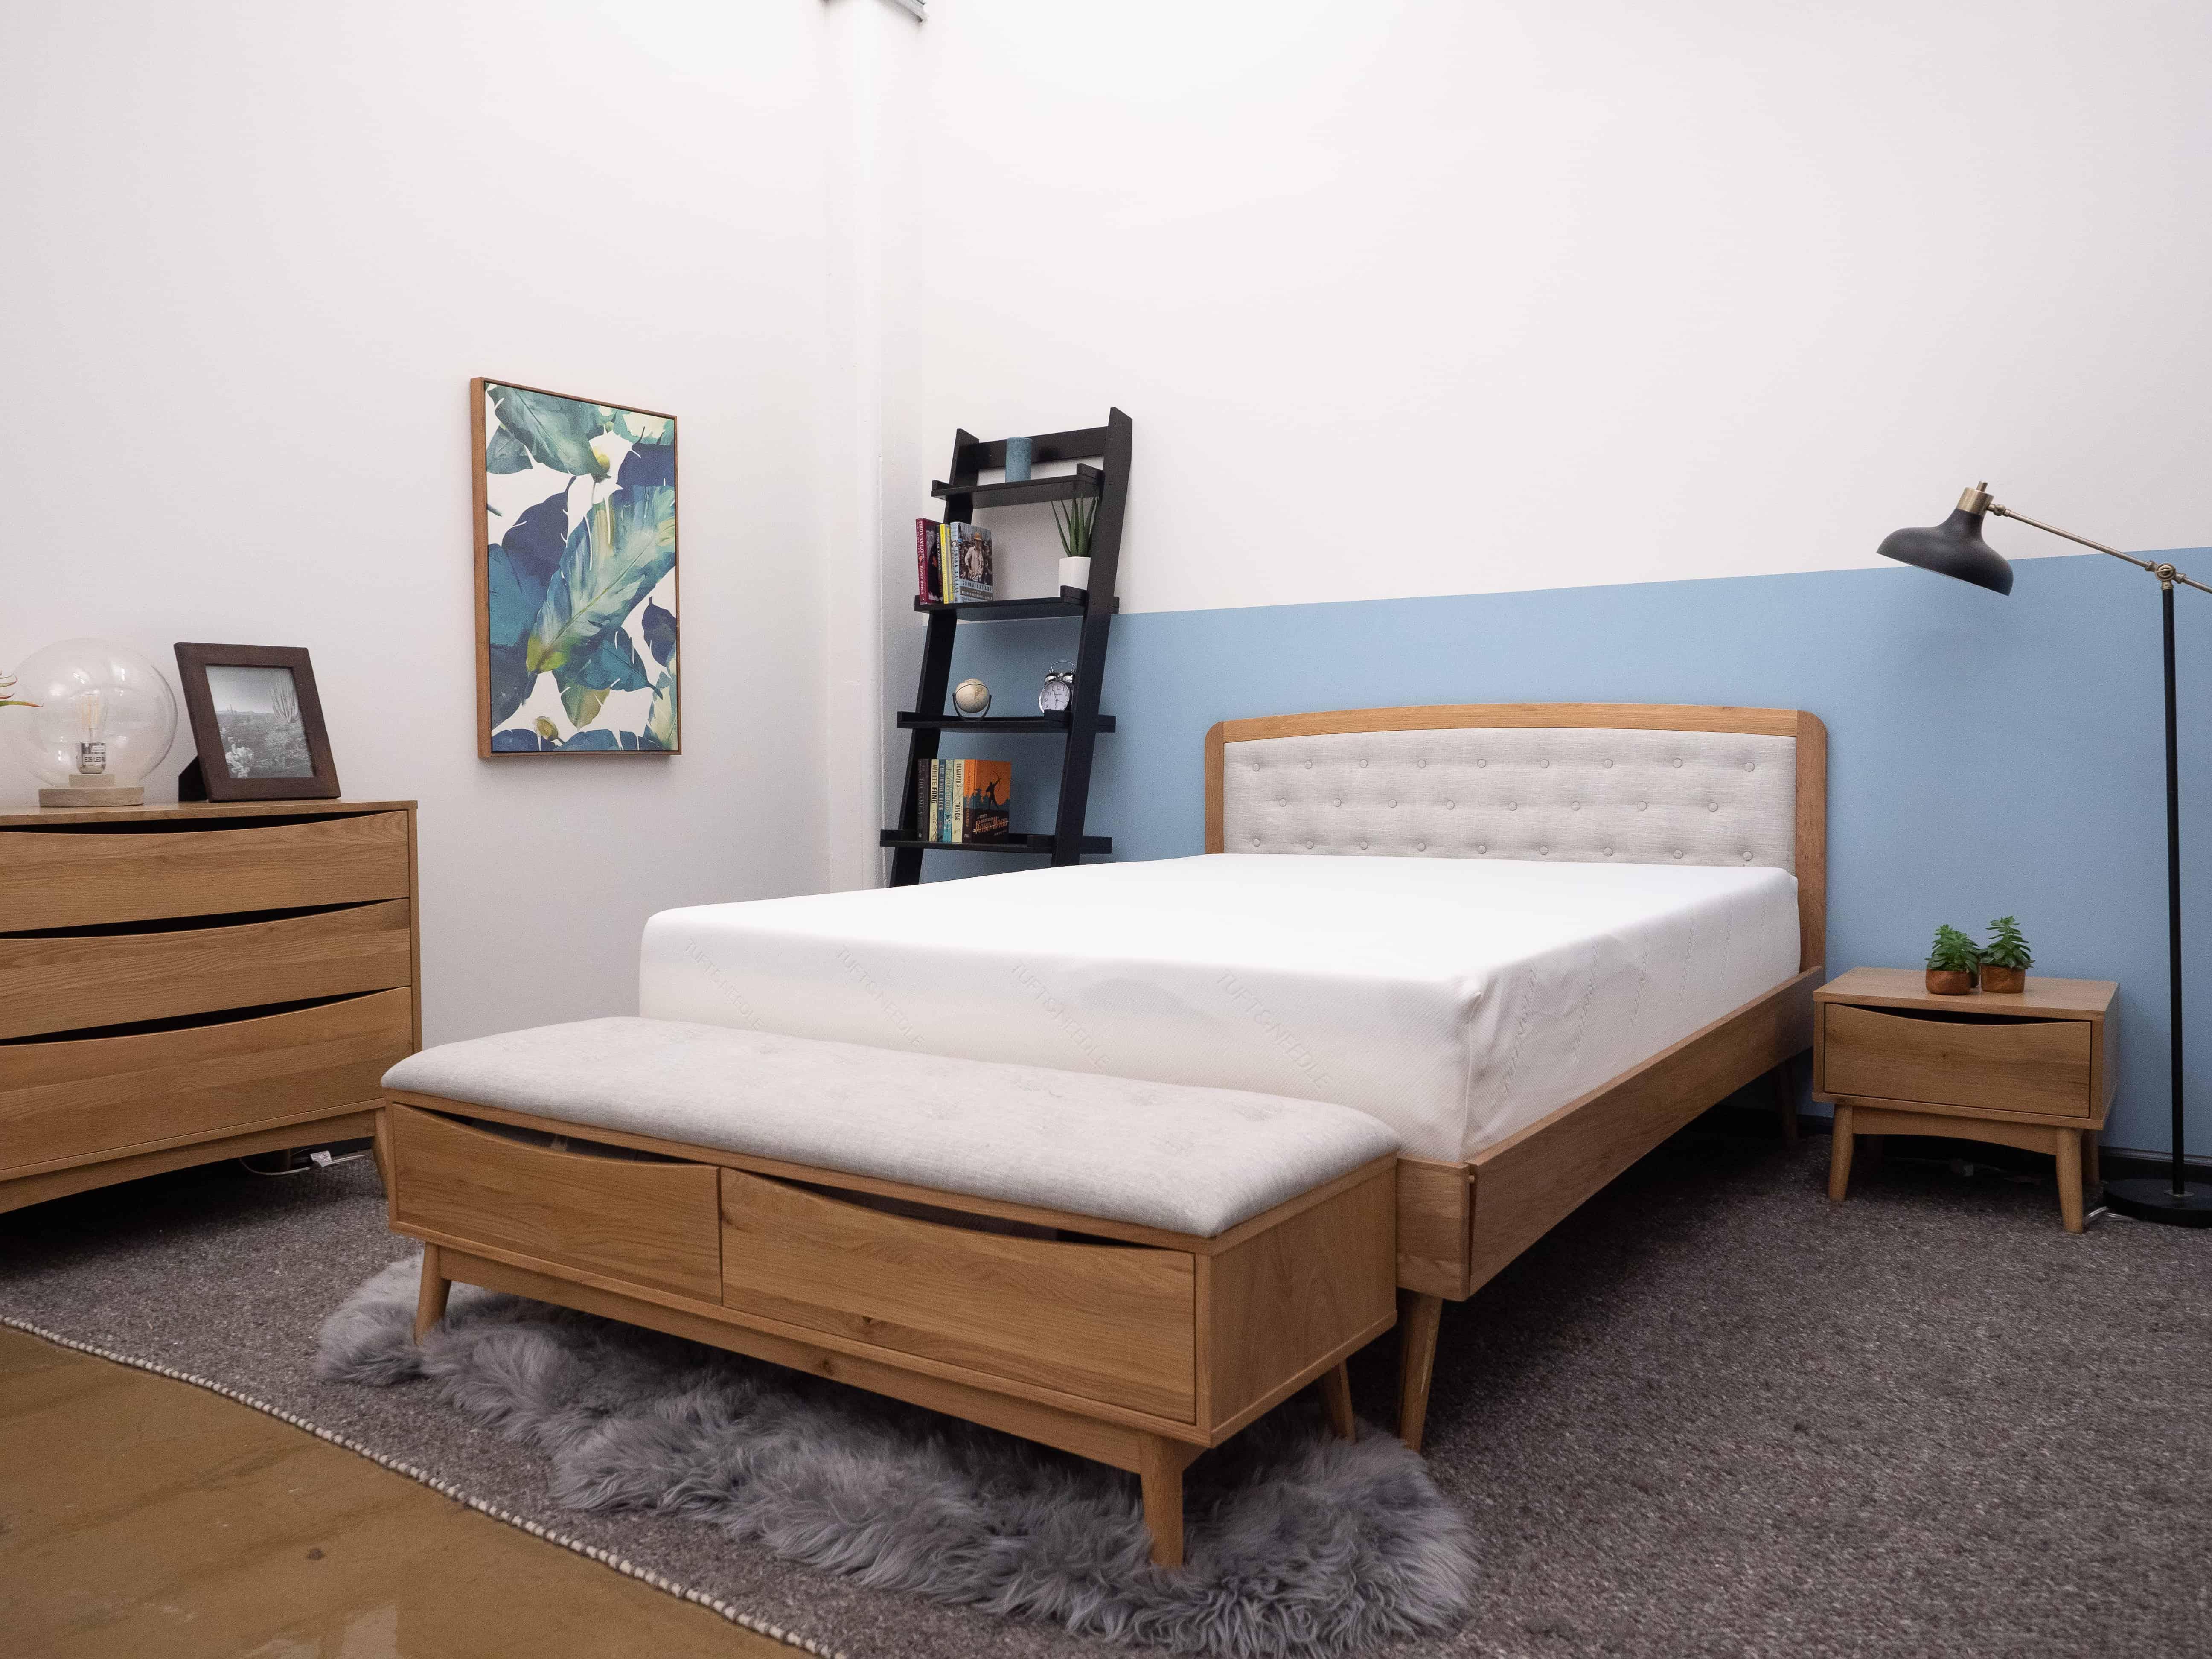 Tuft-Needle-Bedroom Best Mattress for Kids